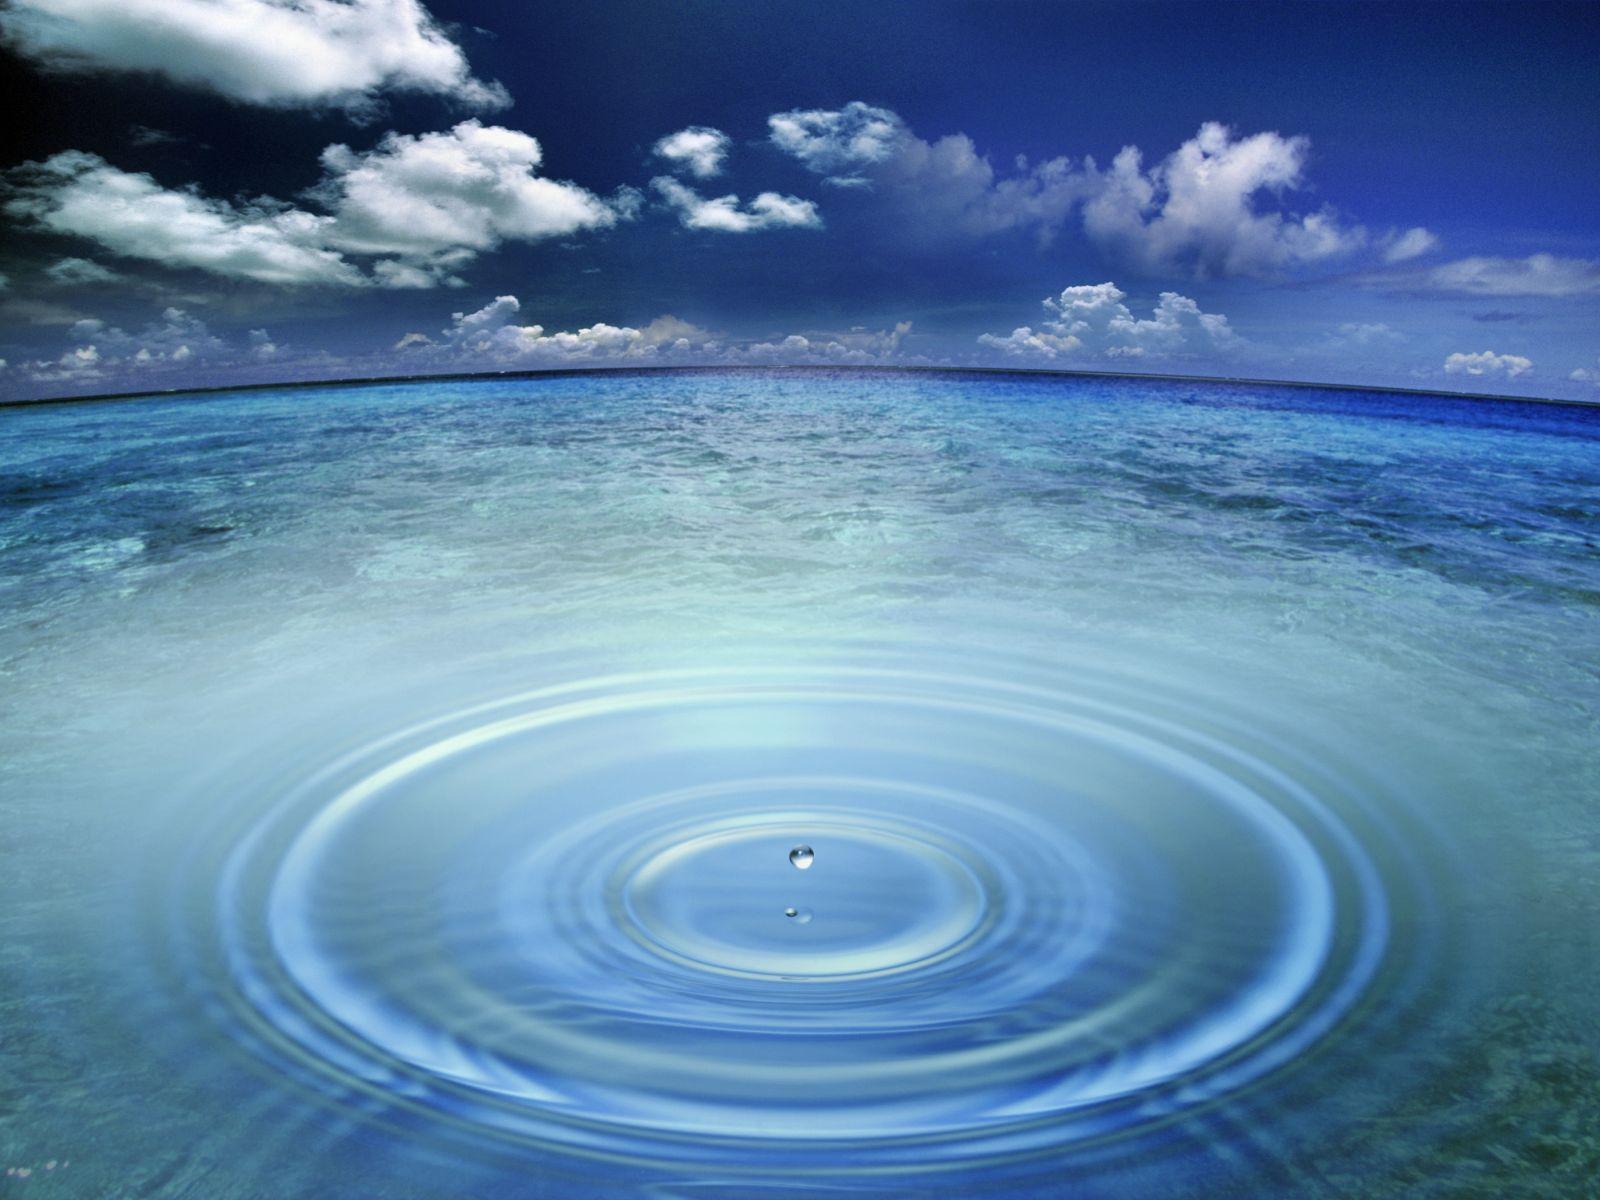 Ocean Water Drop Wallpapers Image 1600x1200